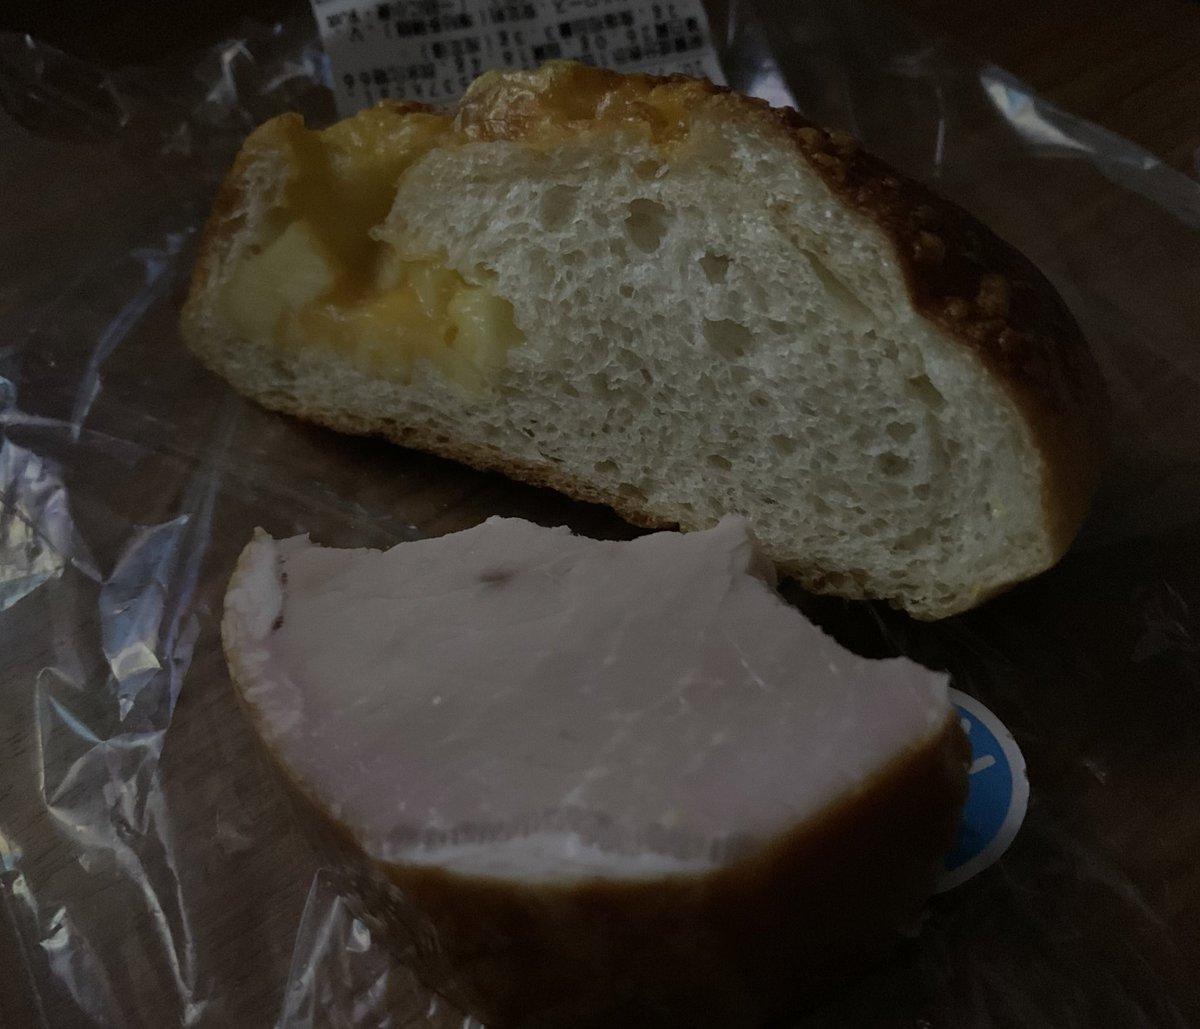 今日はガッツリ仕事で疲れたので手抜き。 いただいた良いハムを頭悪い厚みで切ってそのままかぶりつき、帰りに買った見切りのパンと共にビールで流し込む。 ハムとパンを切っただけでも料理。知らんけど。 #料理 #料理好きな人と繋がりたい #トバリさん召し上がれ https://t.co/ktHg4F7kag